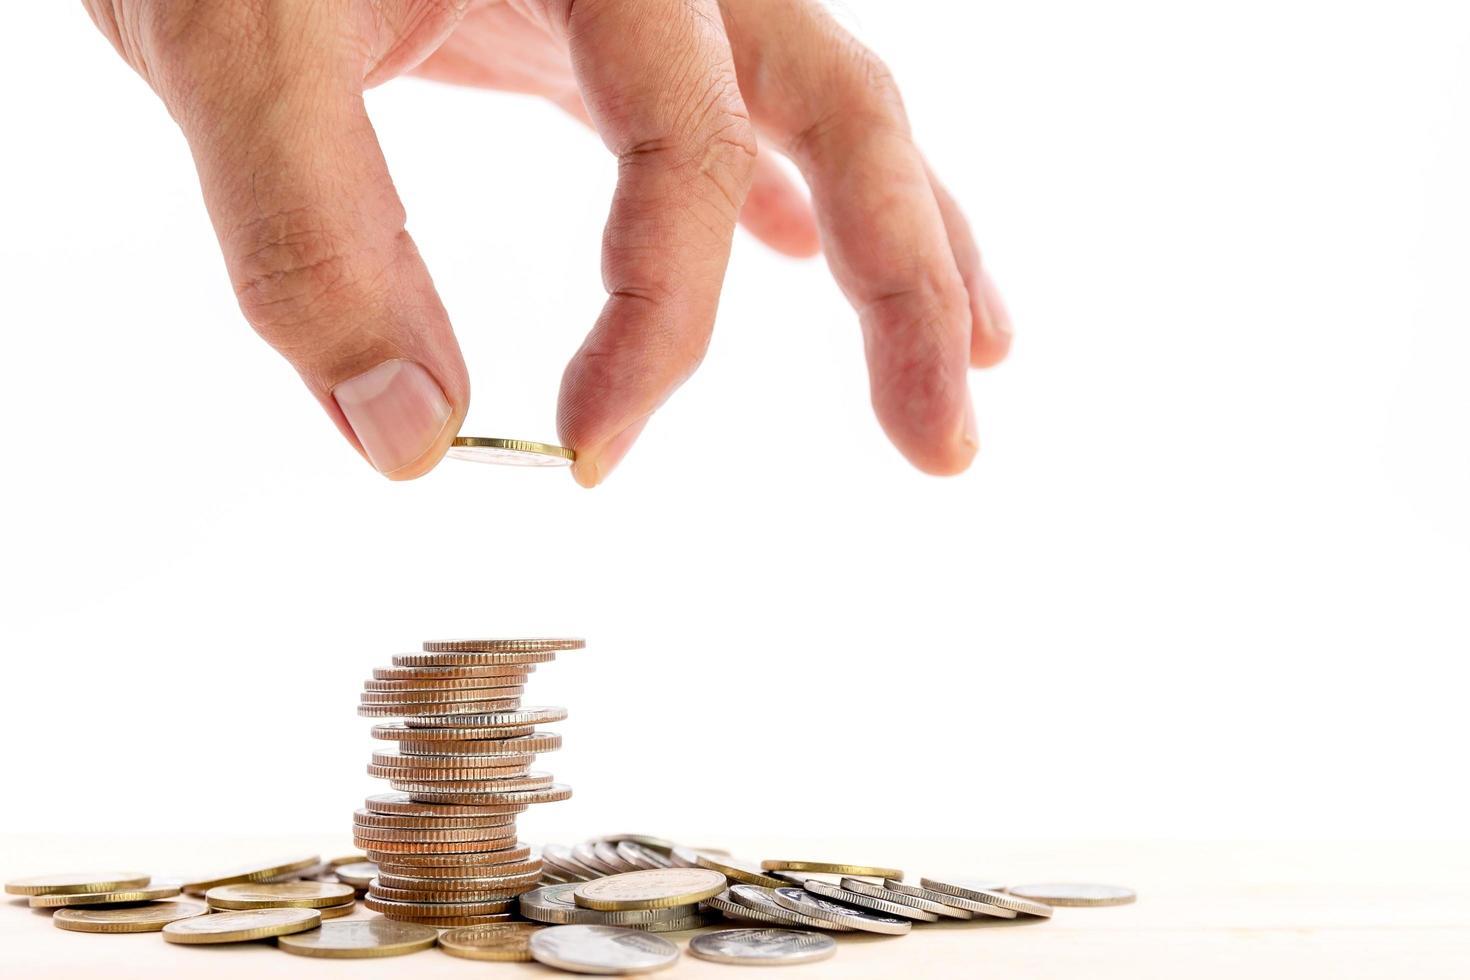 menschliche Hand, die eine Münze auf einen Haufen Münzen auf weißem Hintergrund legt. foto